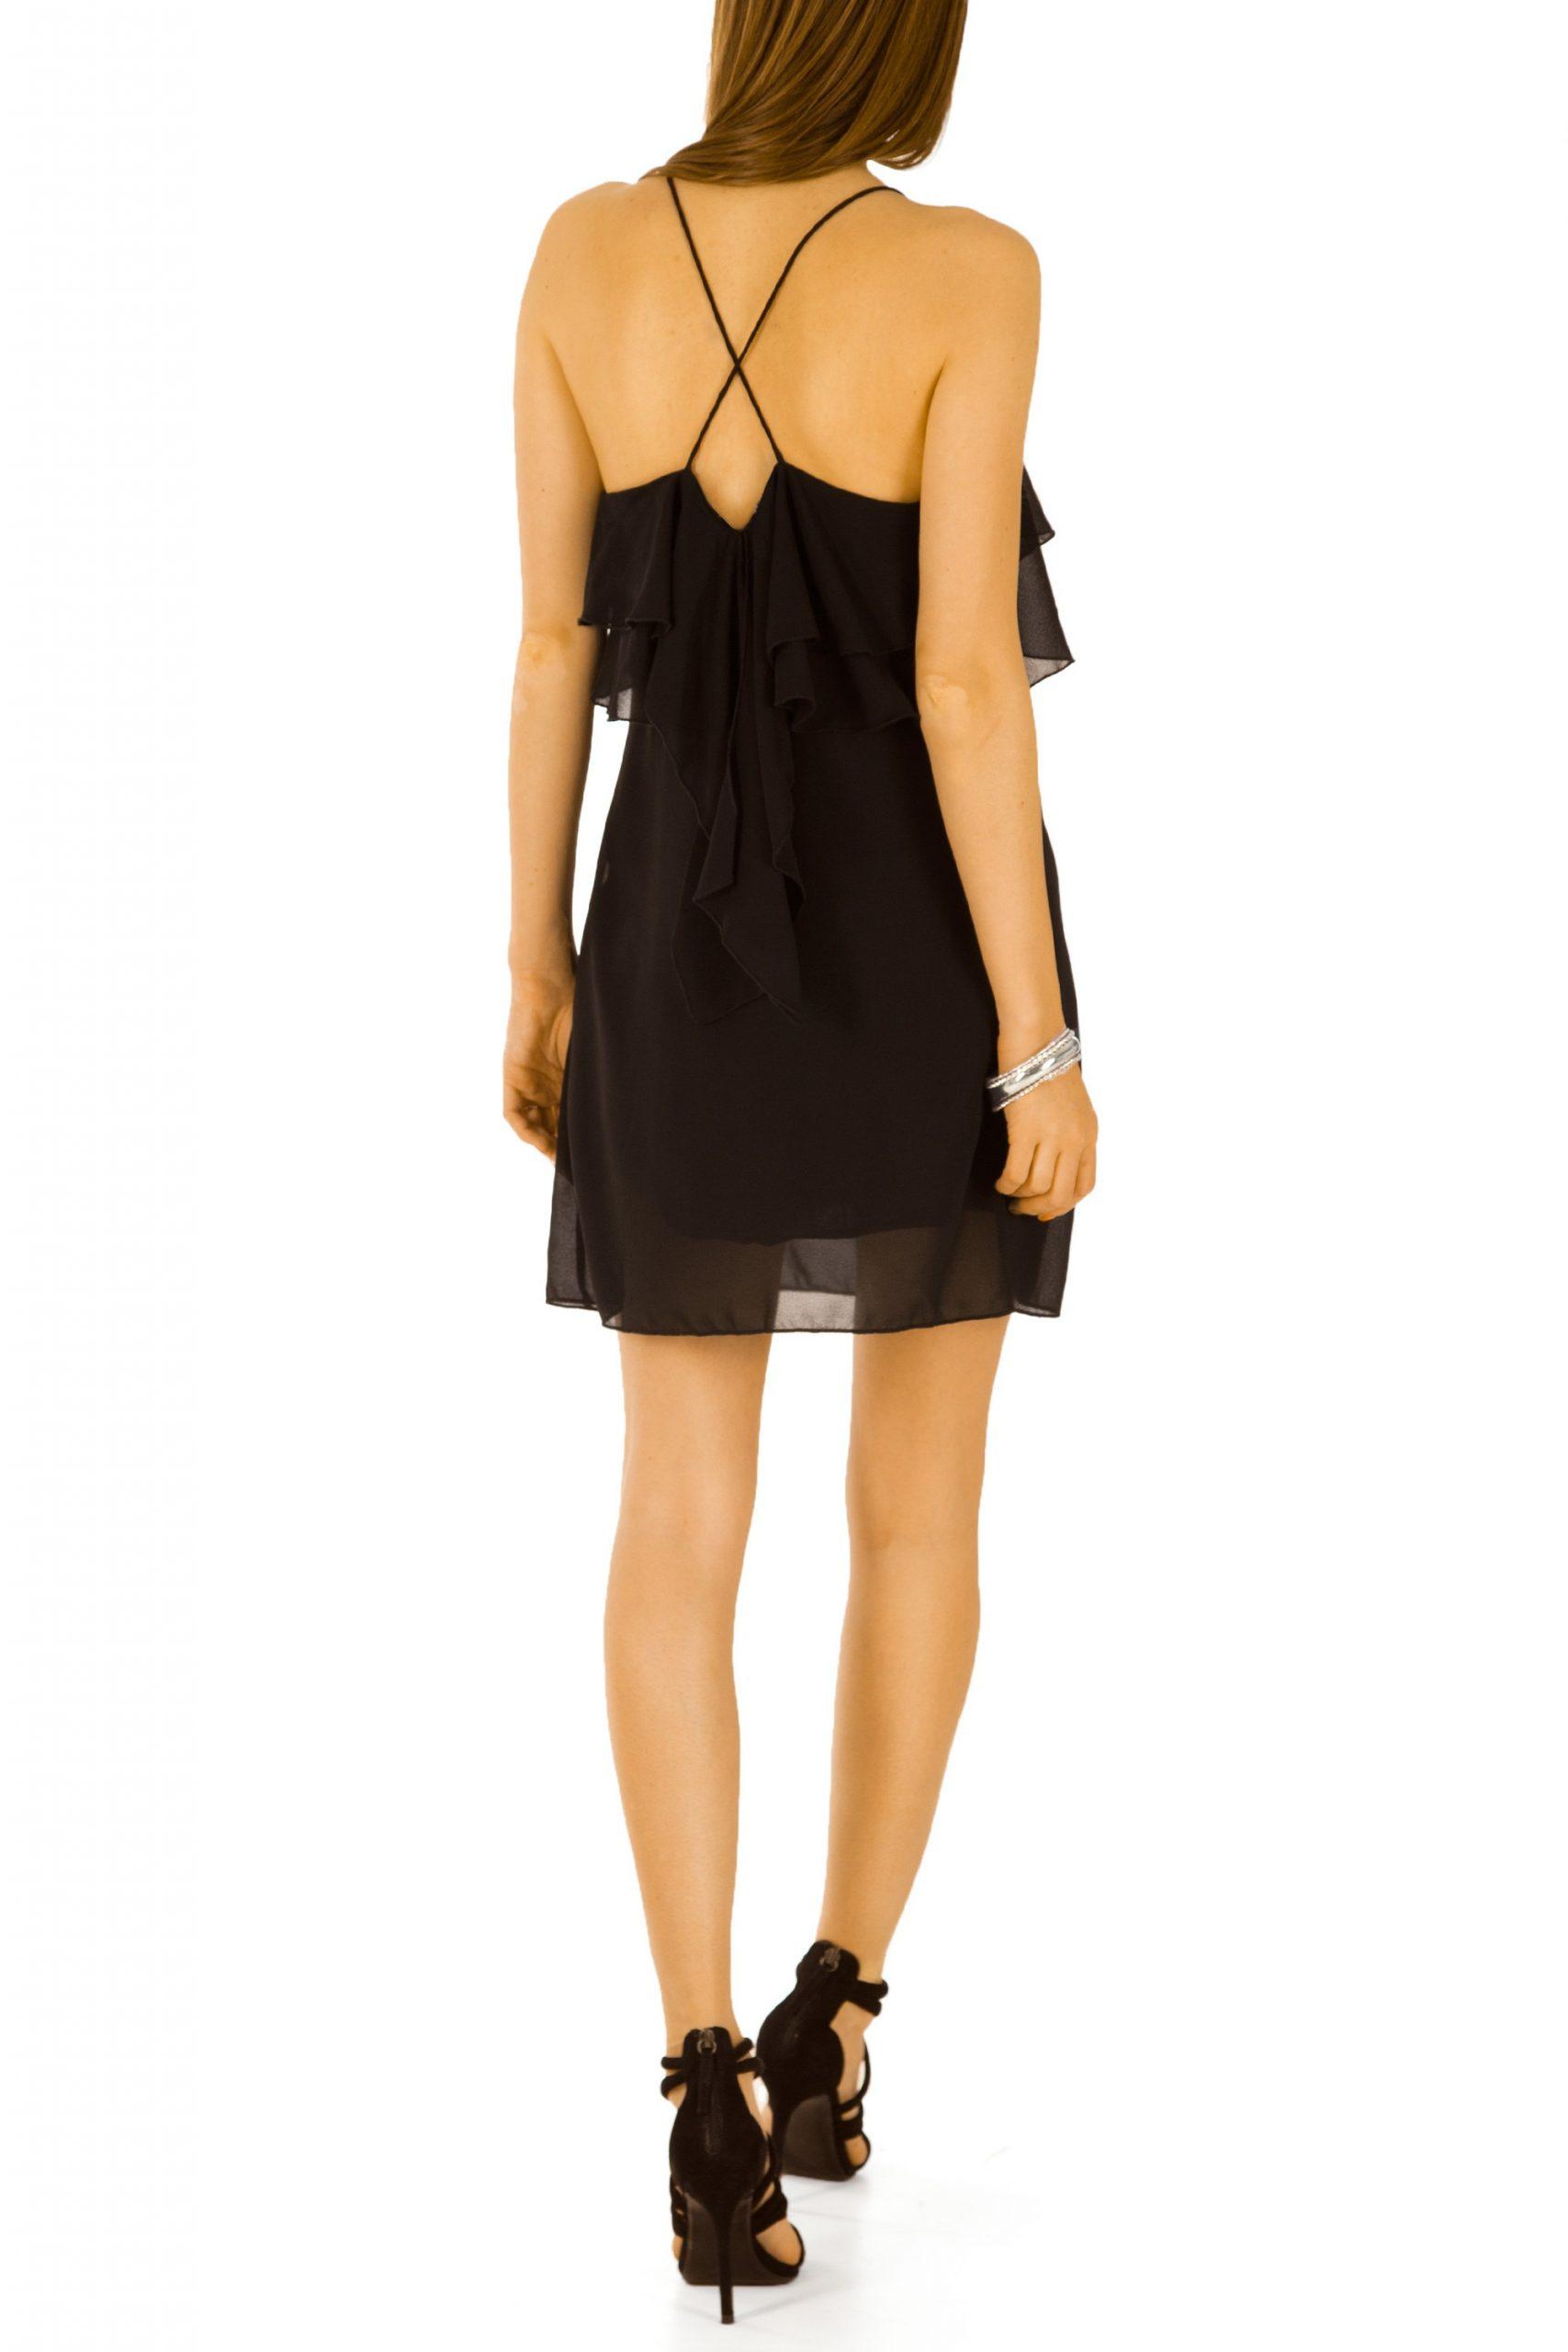 13 Leicht Kleines Schwarzes Kleid Cocktailkleid Abend Ärmel13 Ausgezeichnet Kleines Schwarzes Kleid Cocktailkleid Abend Spezialgebiet